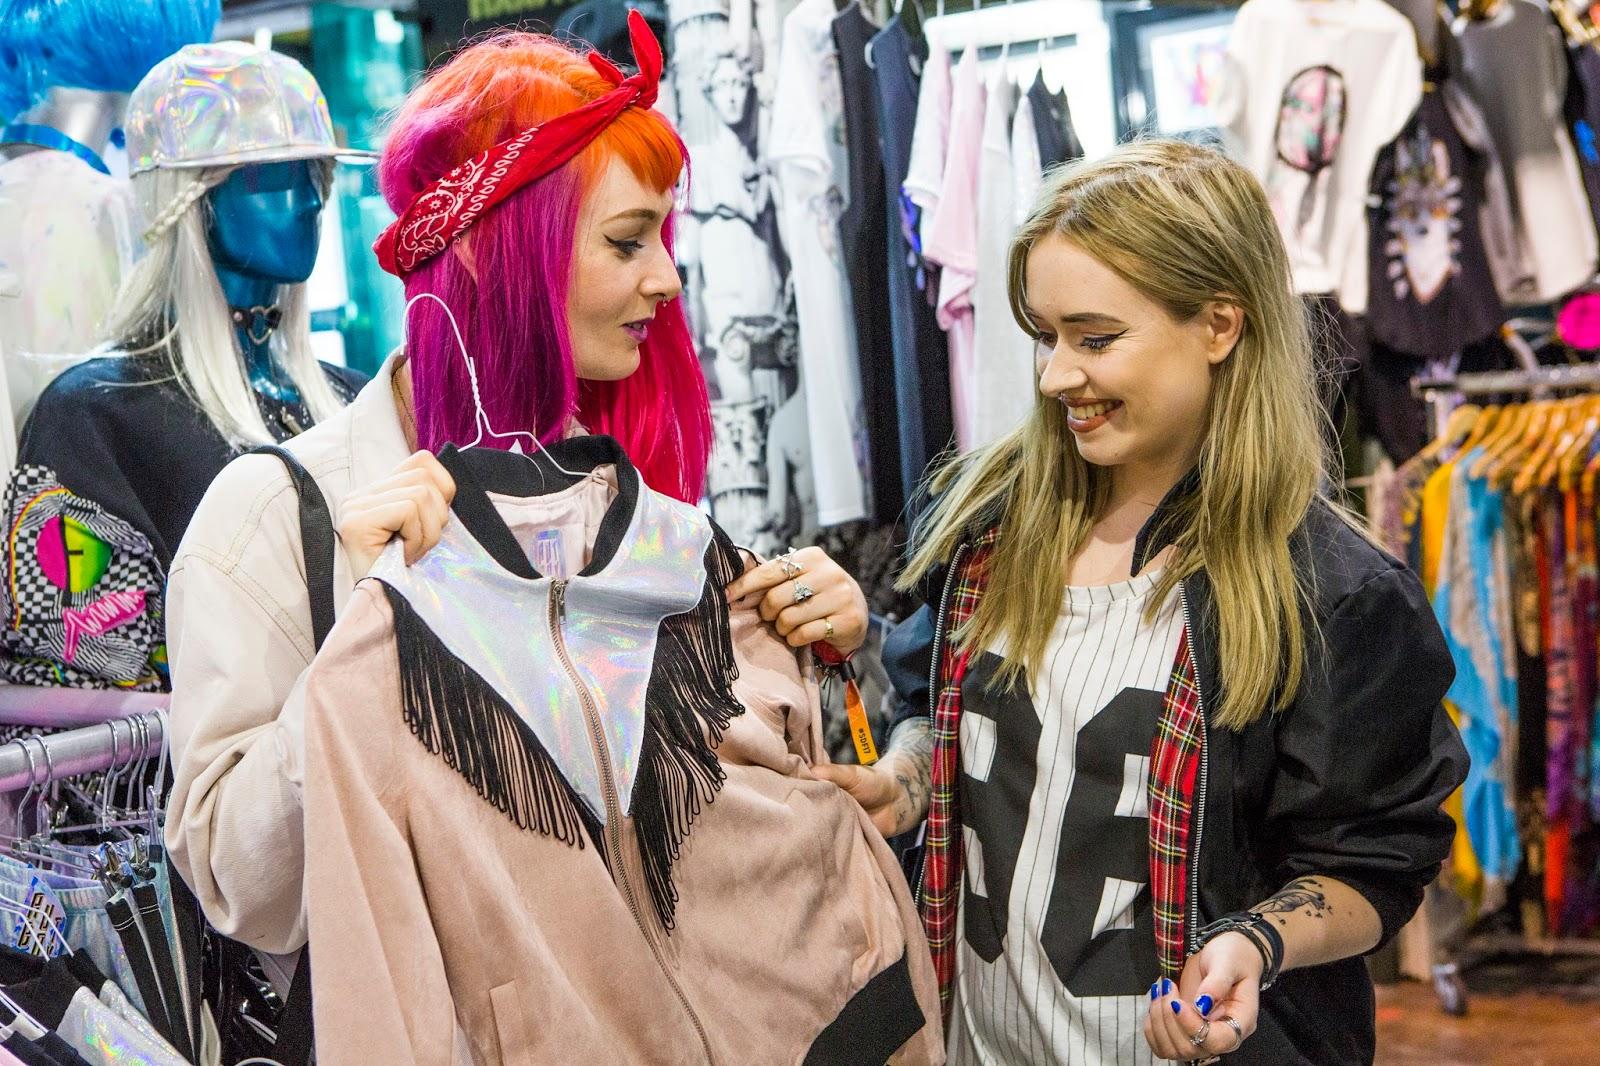 Fashion Blogger Lucy Love explores Camden Market